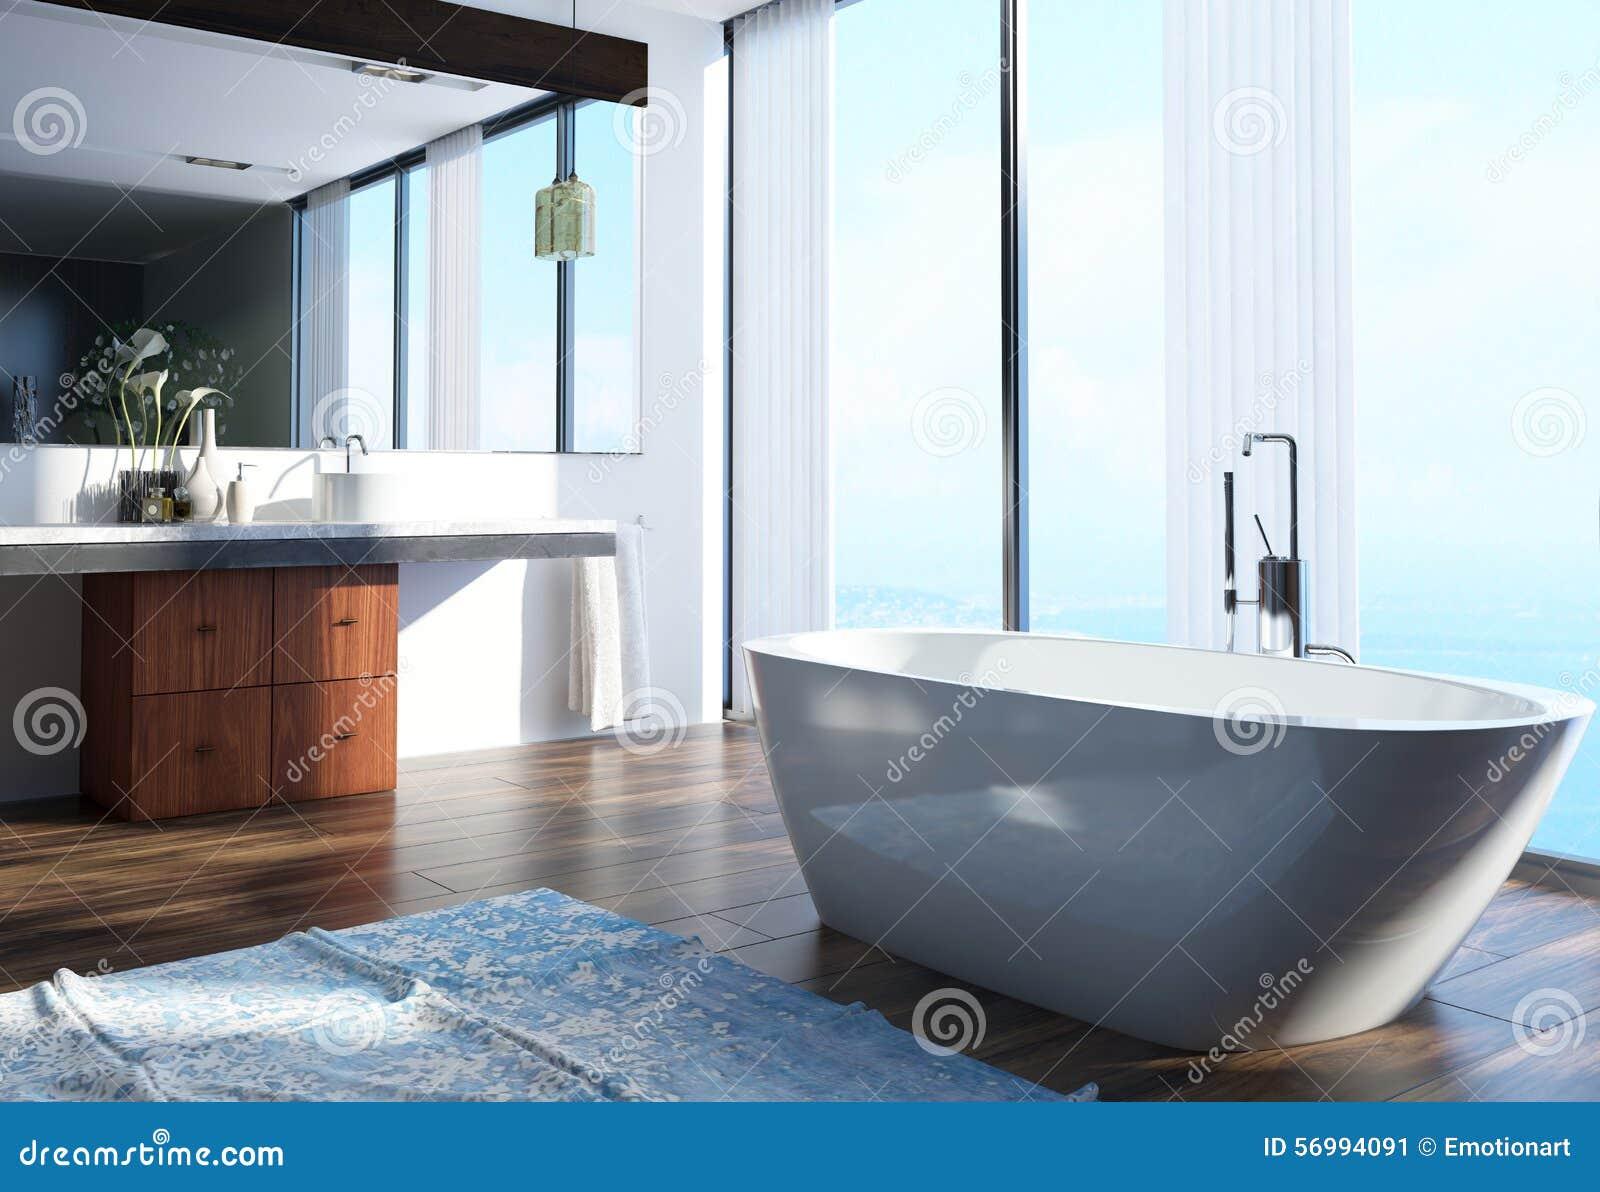 0155b6533d4cf5 Conception intérieure de salle de bains à la maison architecturale moderne  spacieuse avec la région de lavage sur le côté, la baignoire au centre et  les ...